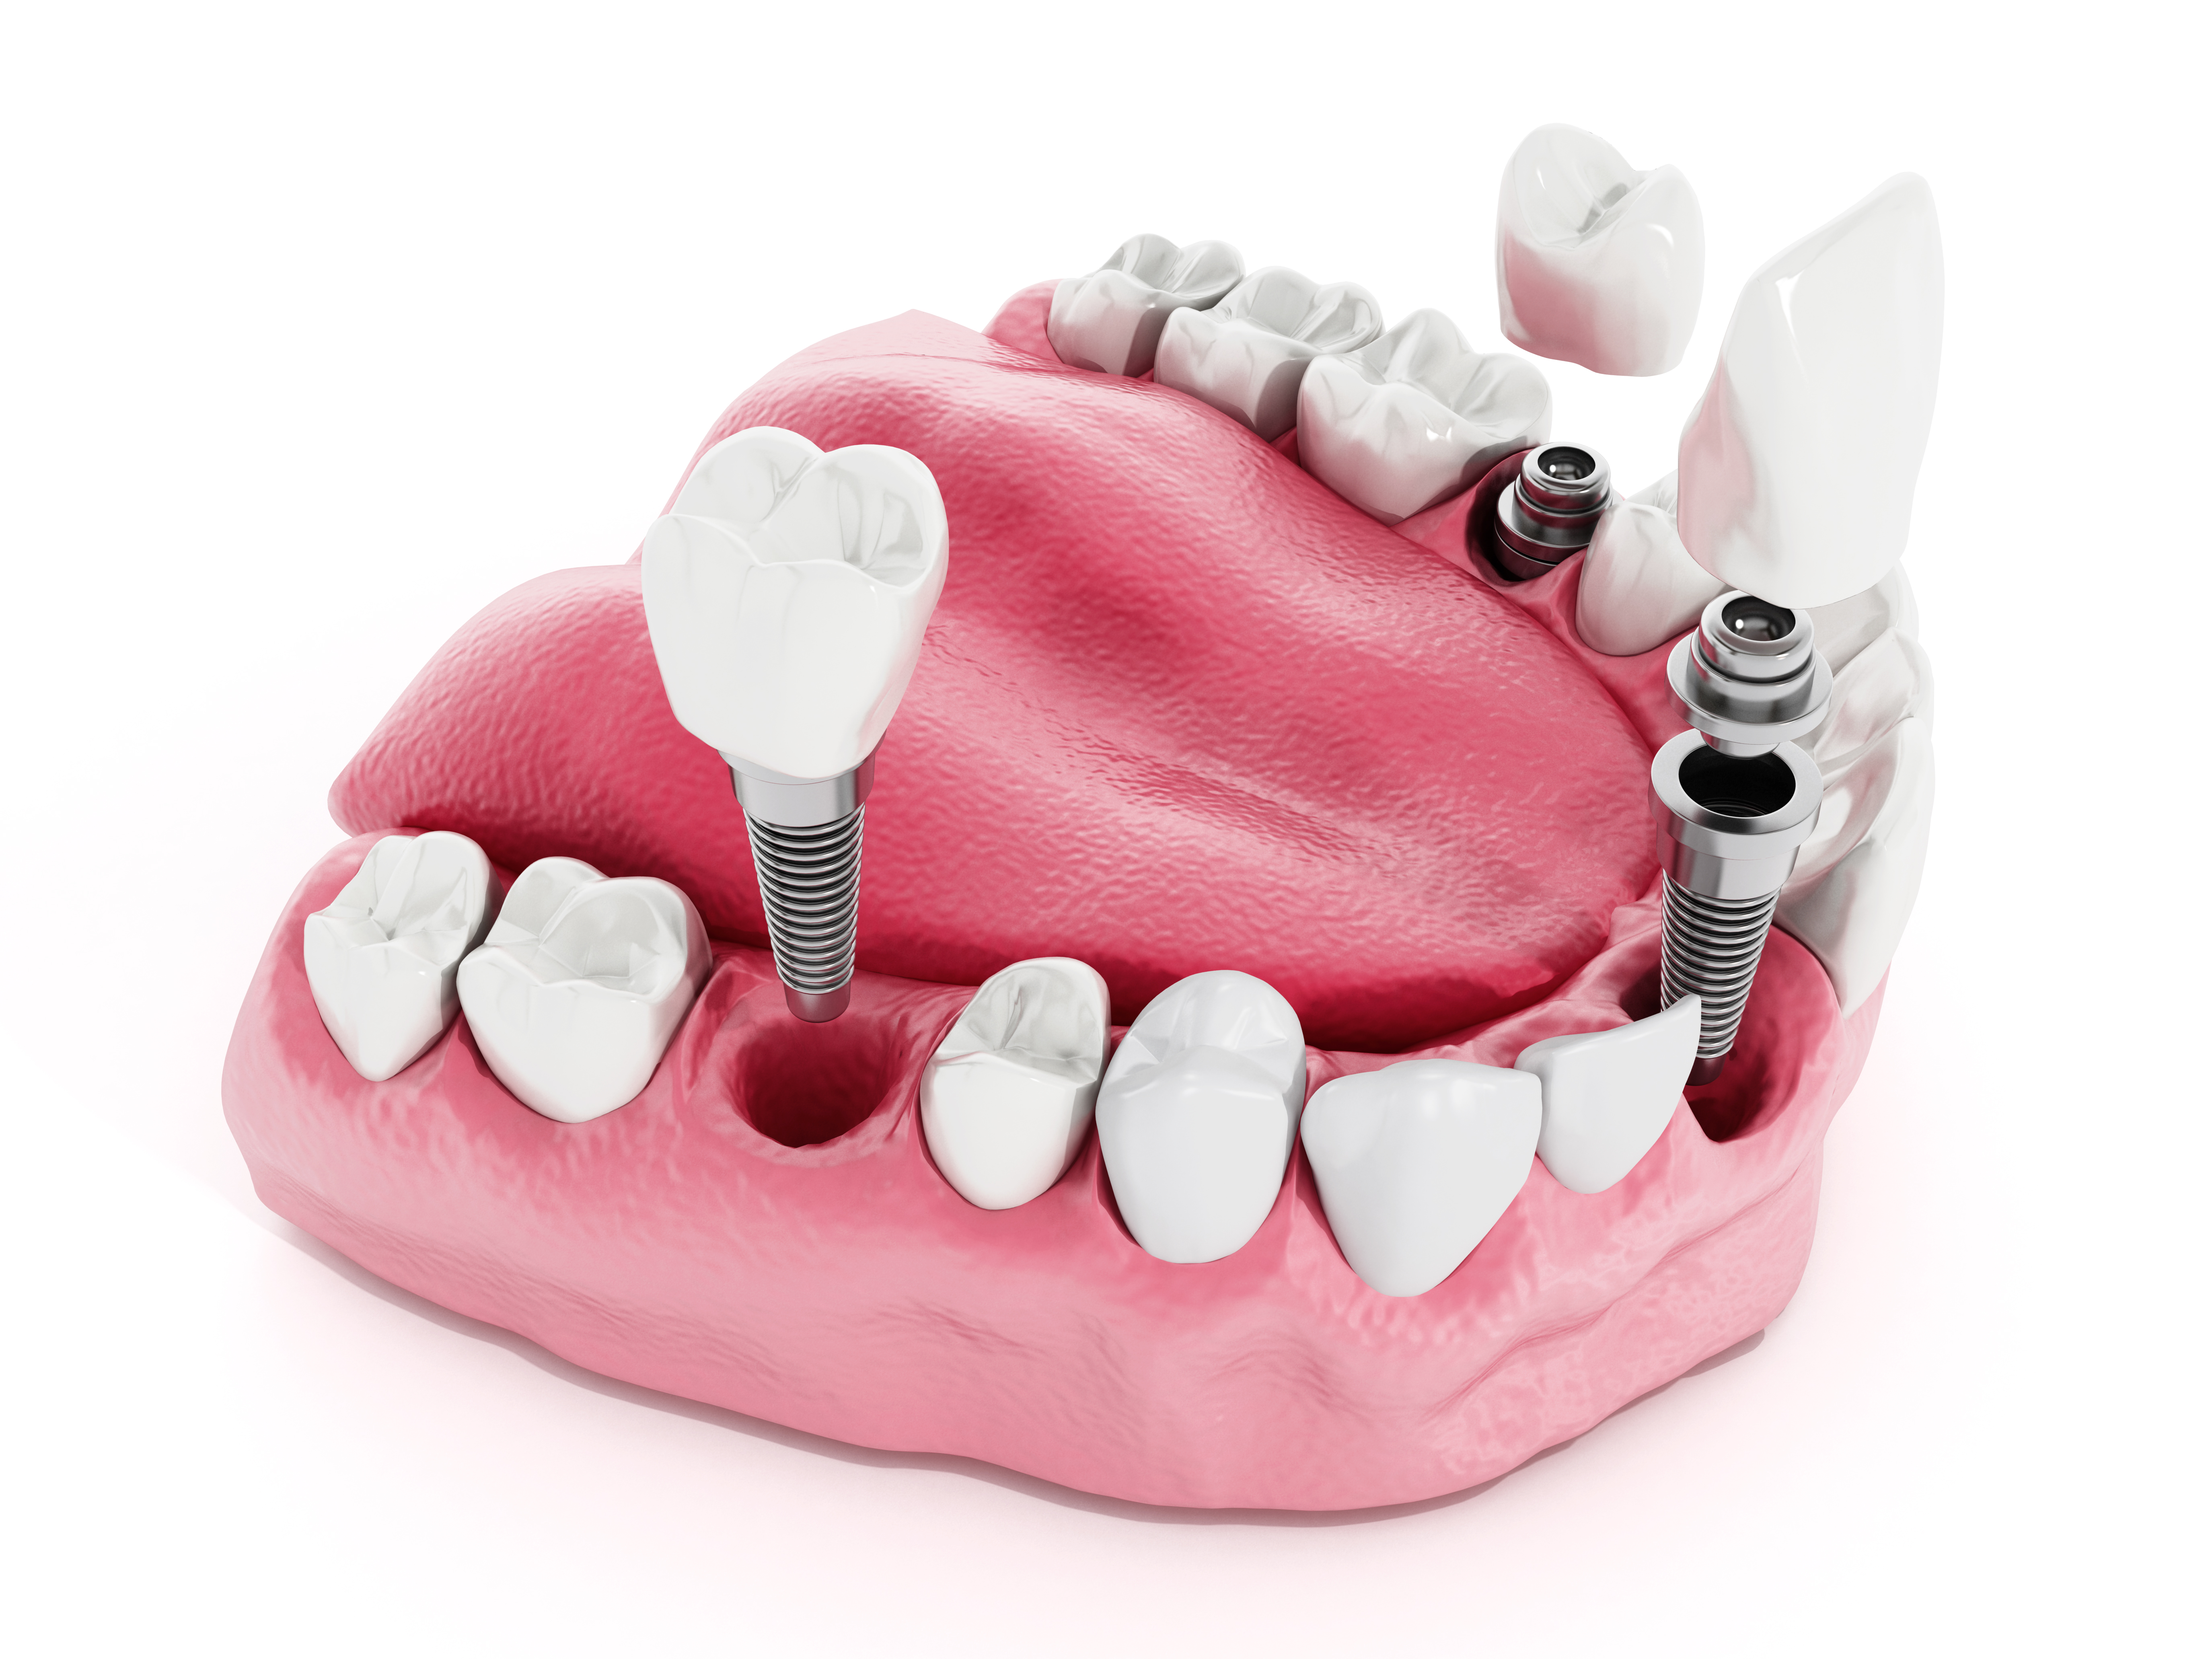 demonstração de como aplicar implante dentário